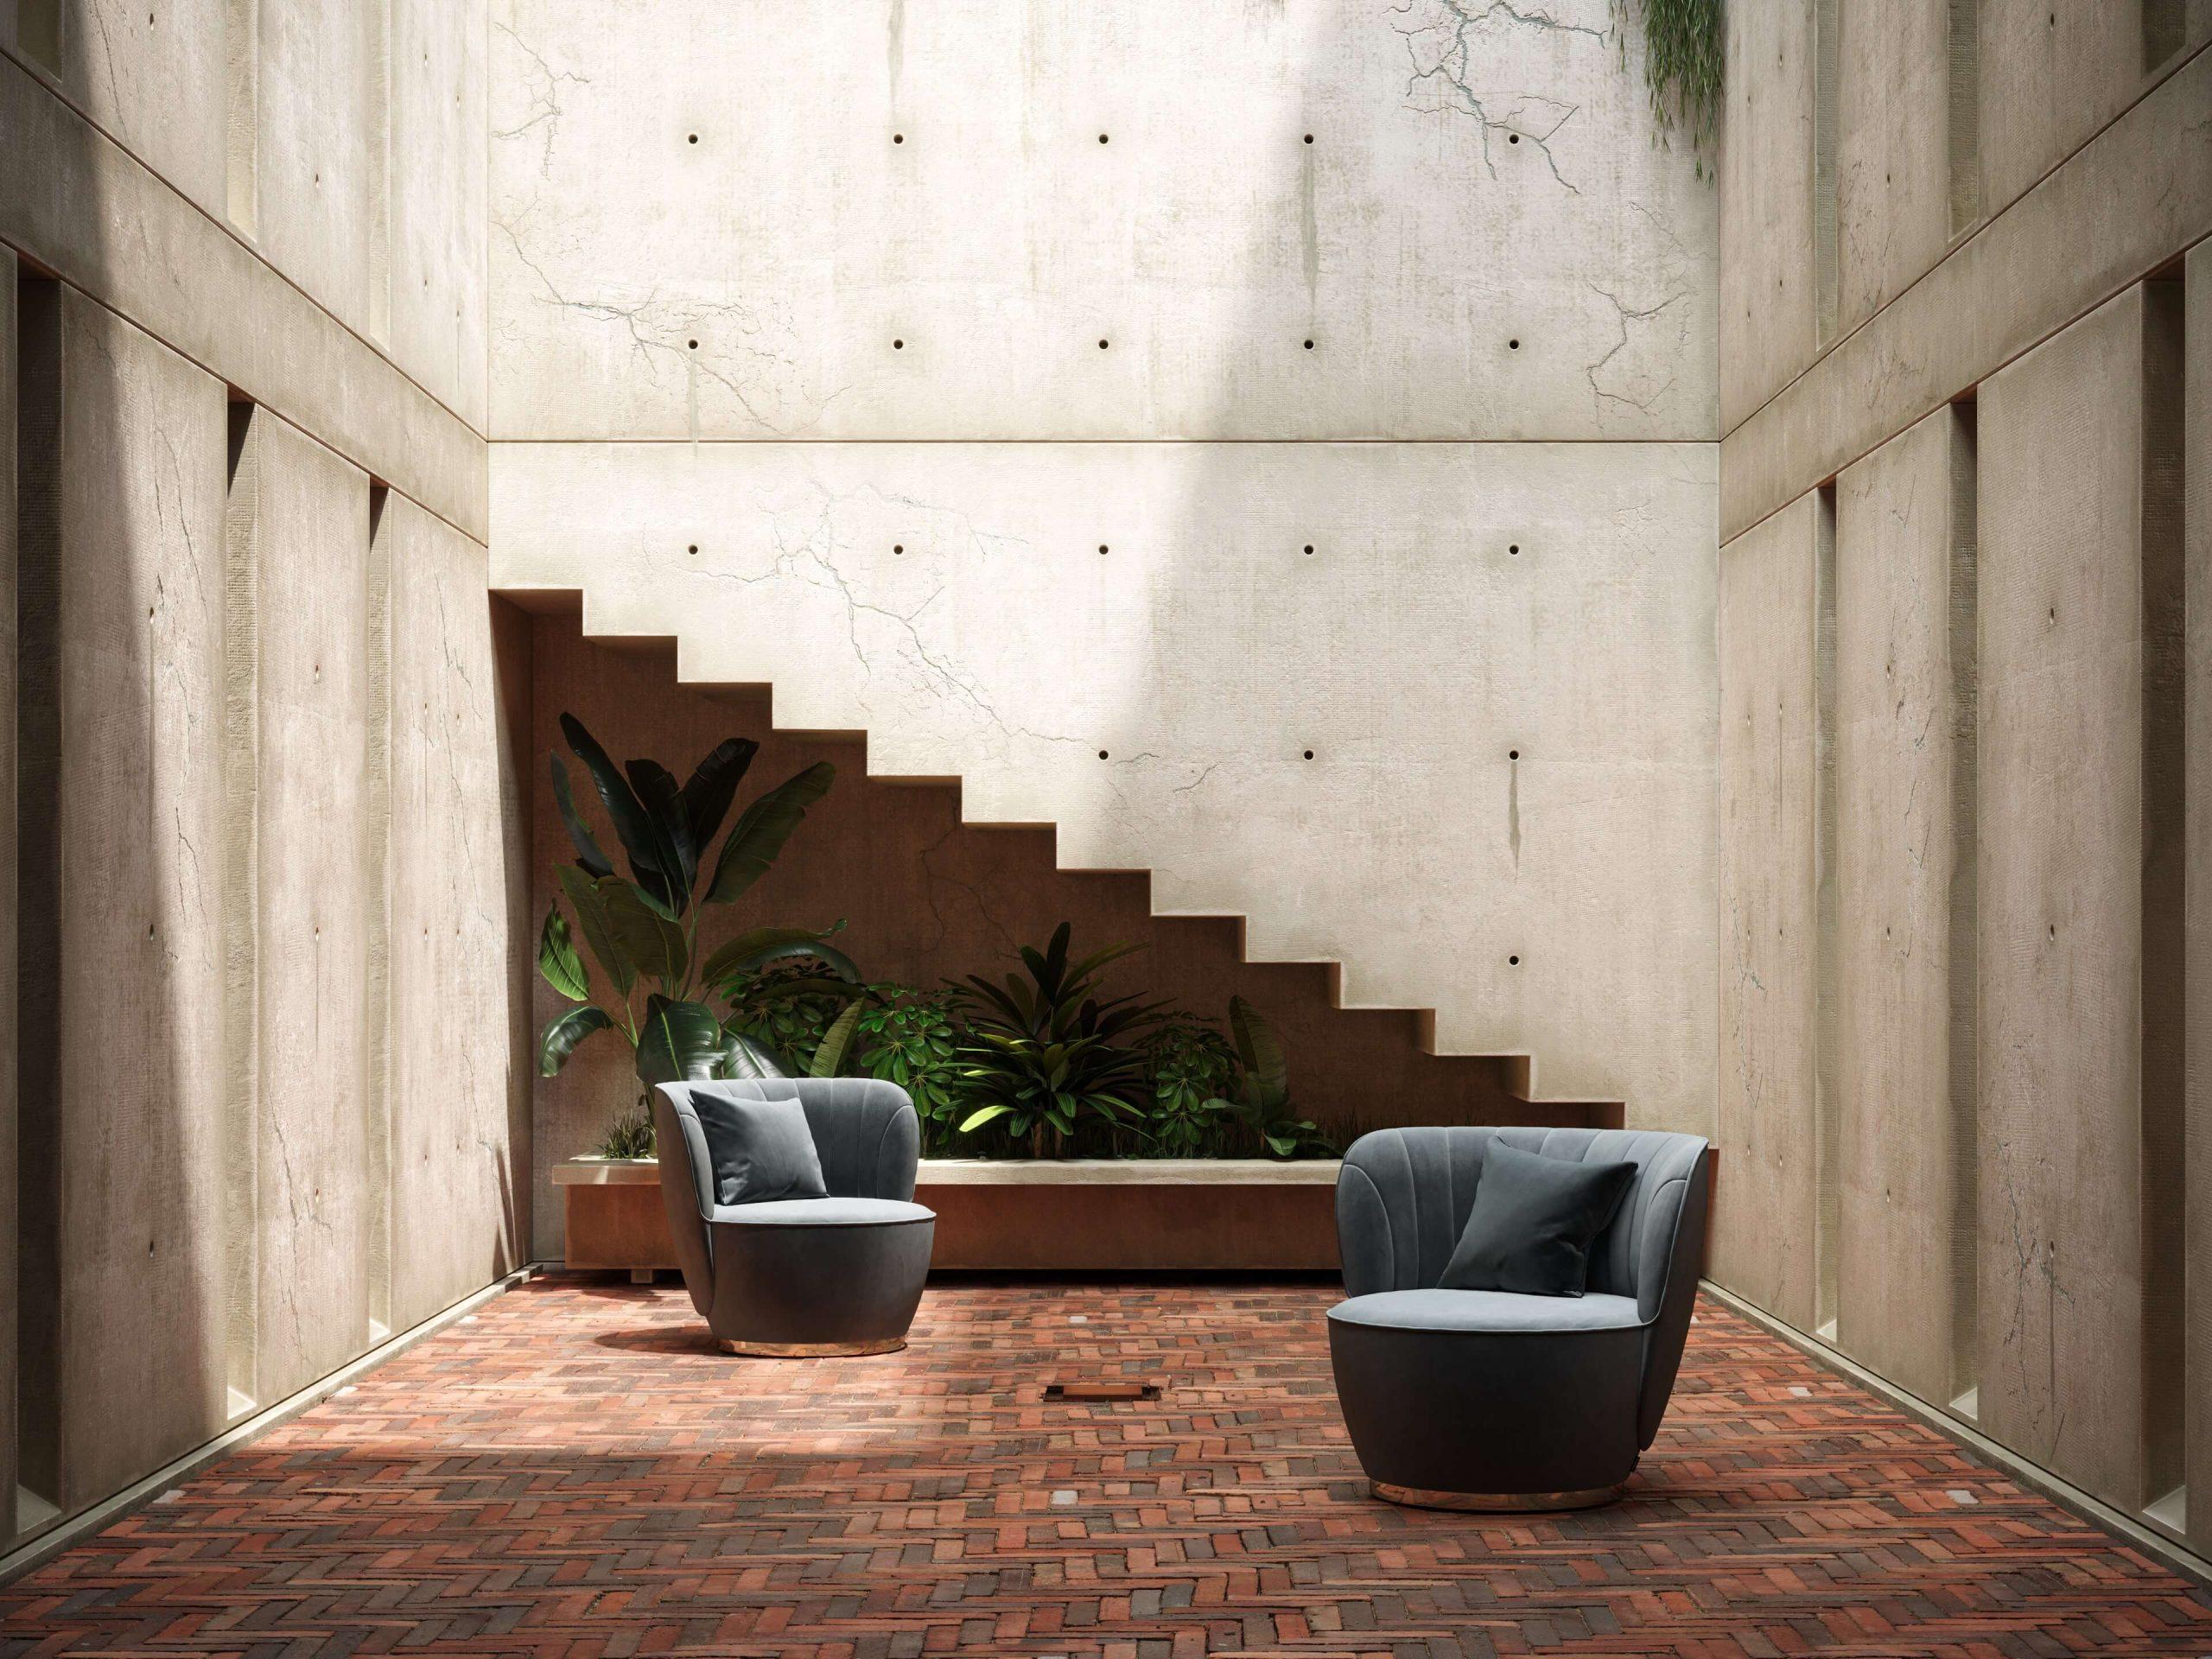 pearl-armchair-velvet-gray-living-room-upholstered-furniture-domkapa-5